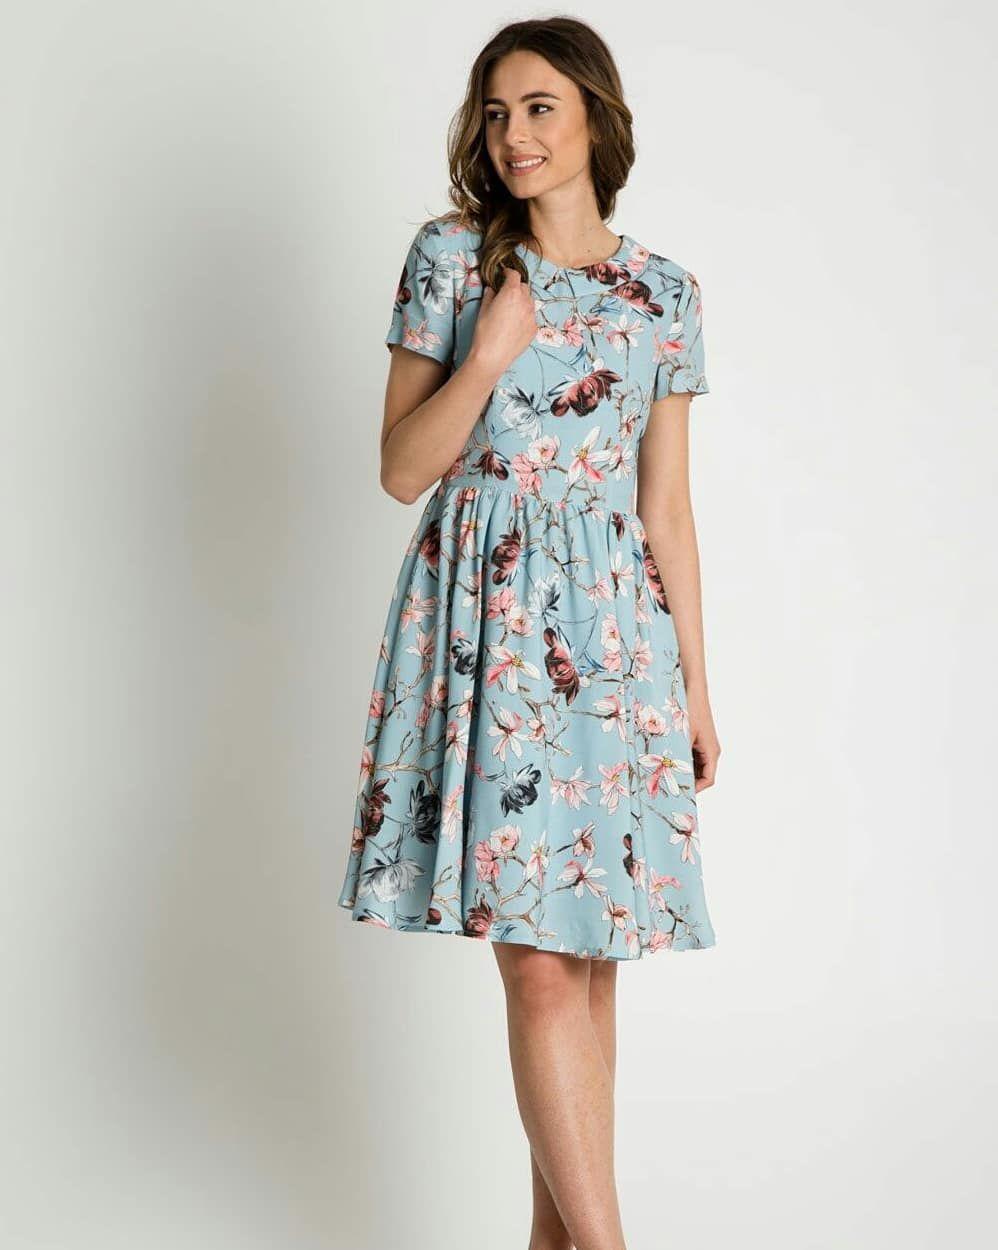 Pogoda Nas Rozpieszcza Bialcon Brand Bialcon Sukienka Styl Wiosna Lato Kwiaty Polskadziewczyna Polskamoda Modelka Casual Dress Fashion Dresses